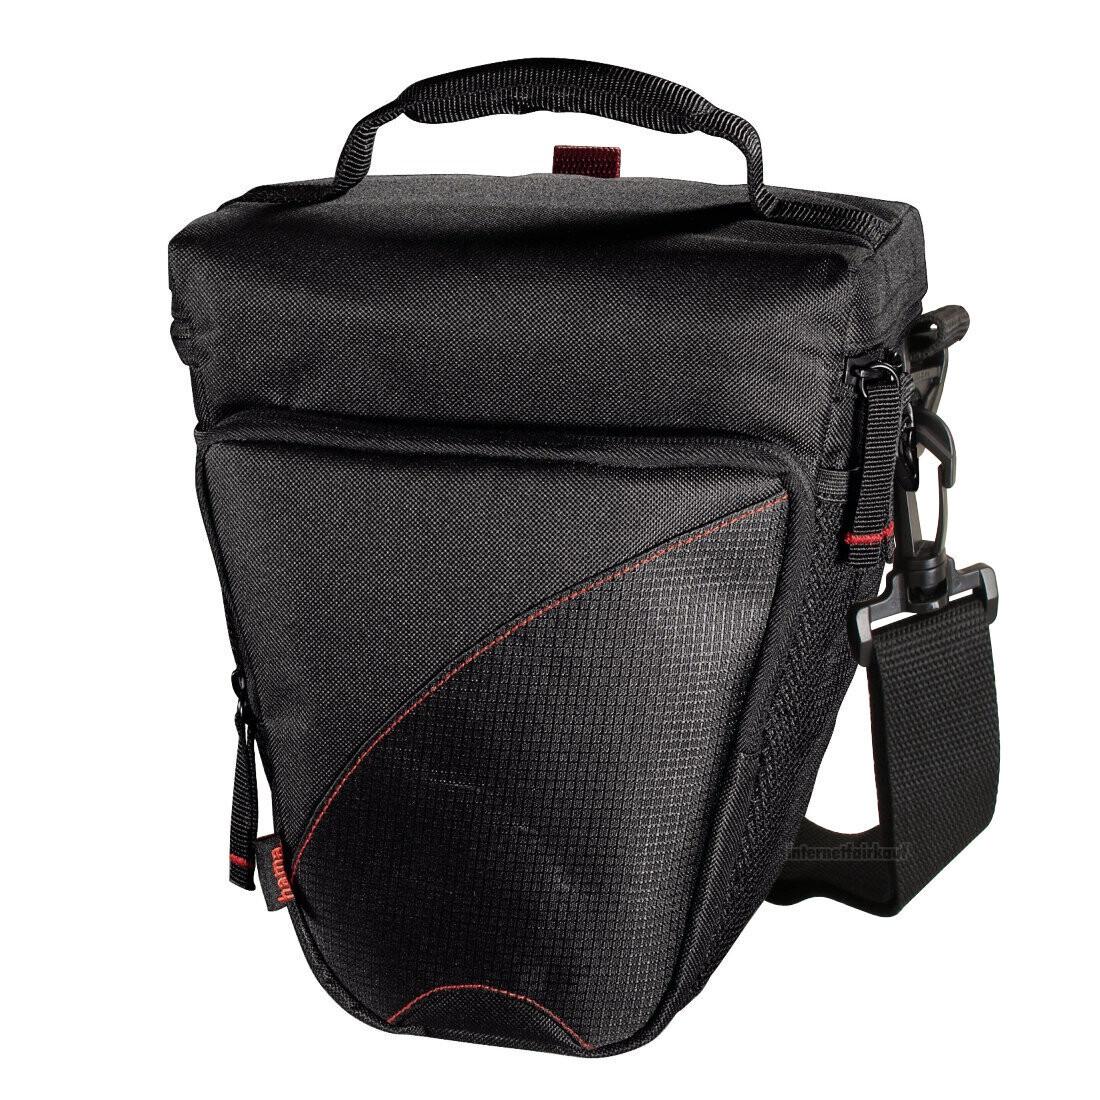 Fototasche passend für Nikon D5600 und 18-140mm oder 18-105mm Objektiv